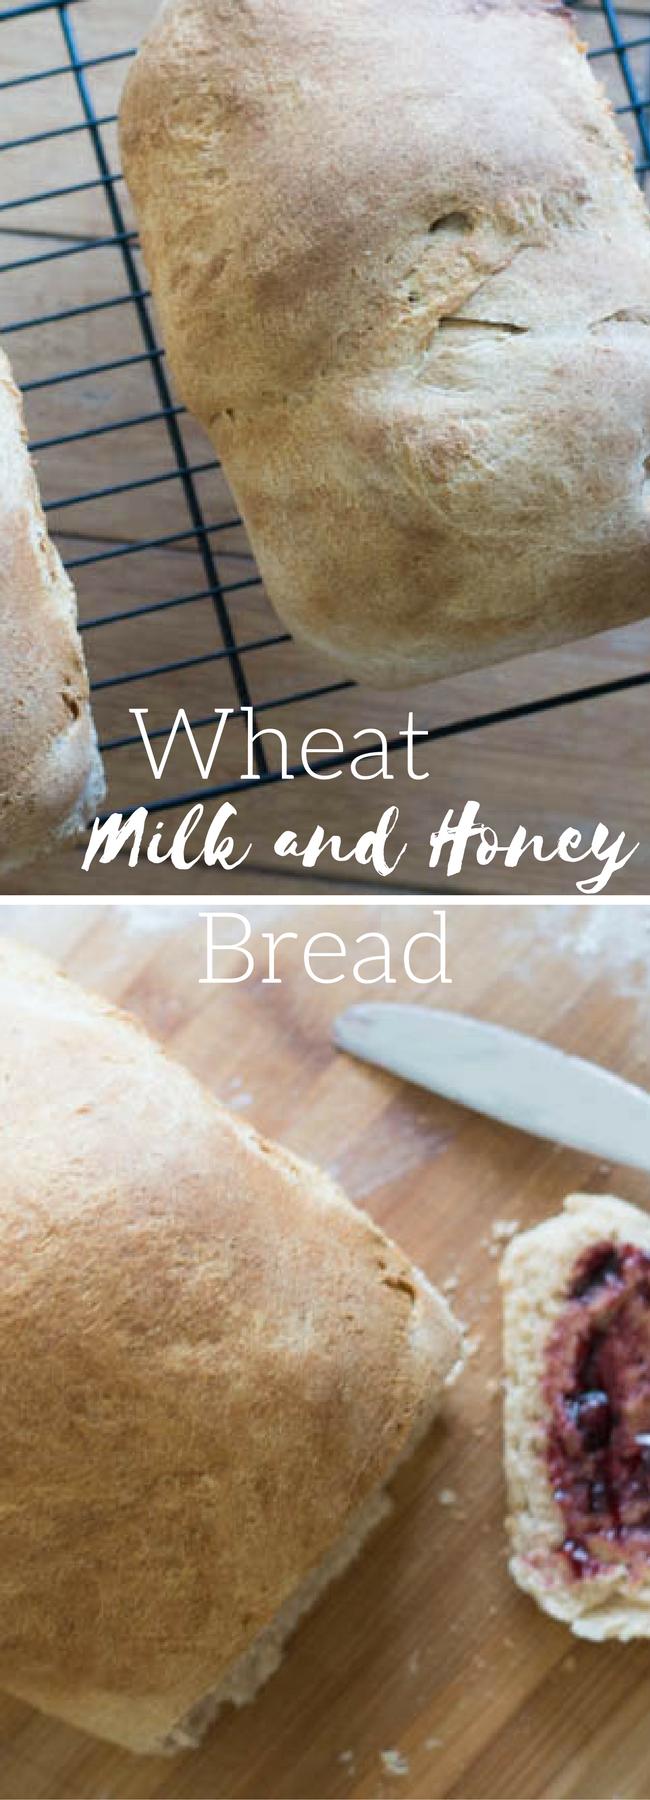 Wheat Bread / Homemade Wheat Bread / Milk and Honey Bread / Wheat Milk and Honey Bread / Homemade Bread / Bread Making via @clarkscondensed